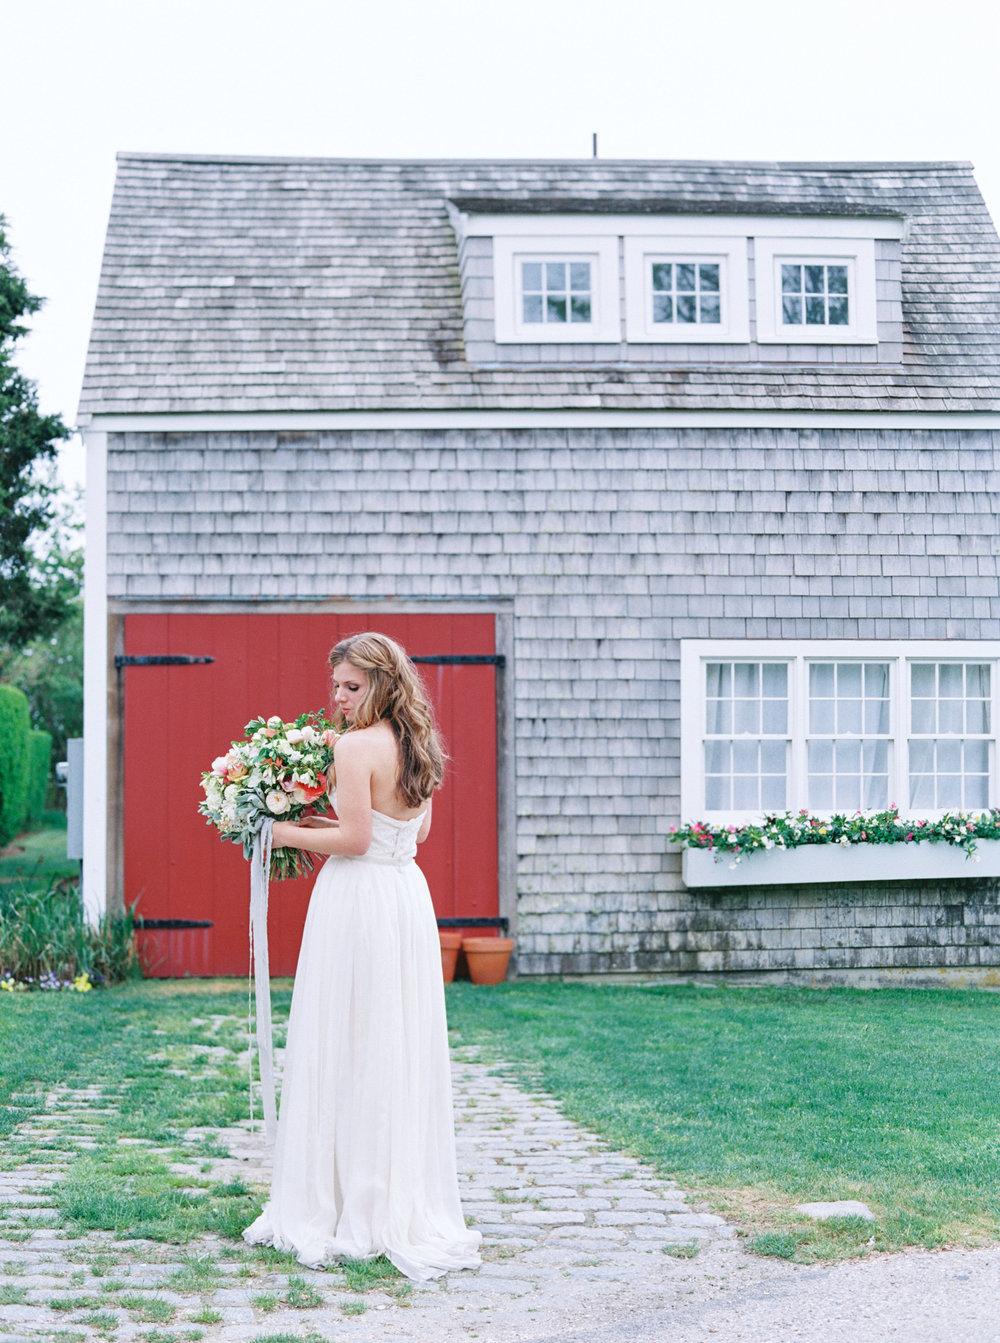 MelissaJill-Nantucket-22.jpg